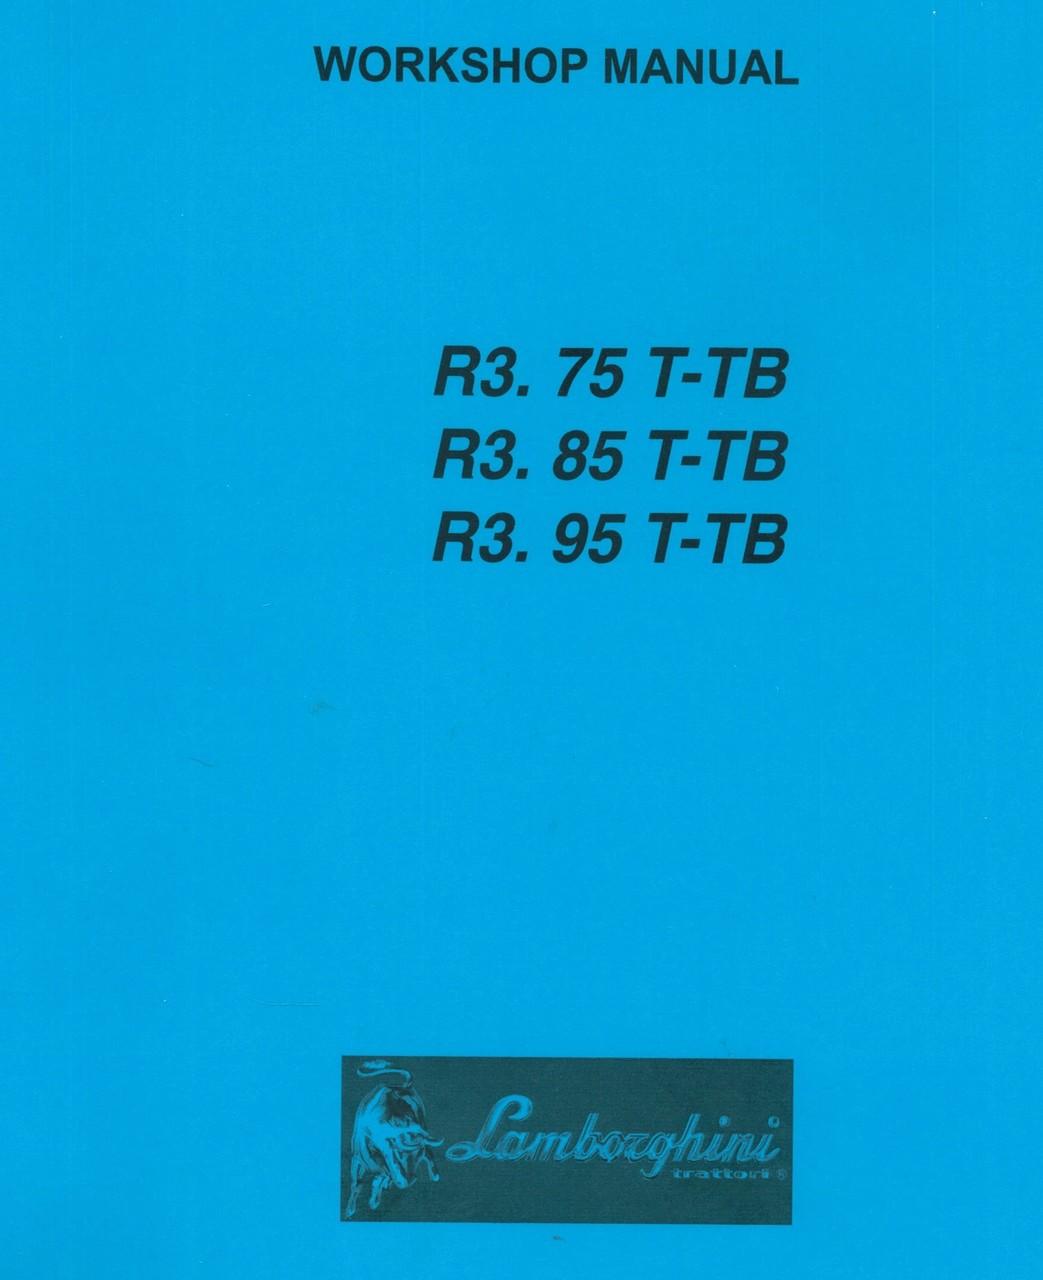 R3.75 T-TB - R3.85 T-TB - R3.95 T-TB - Workshop manual